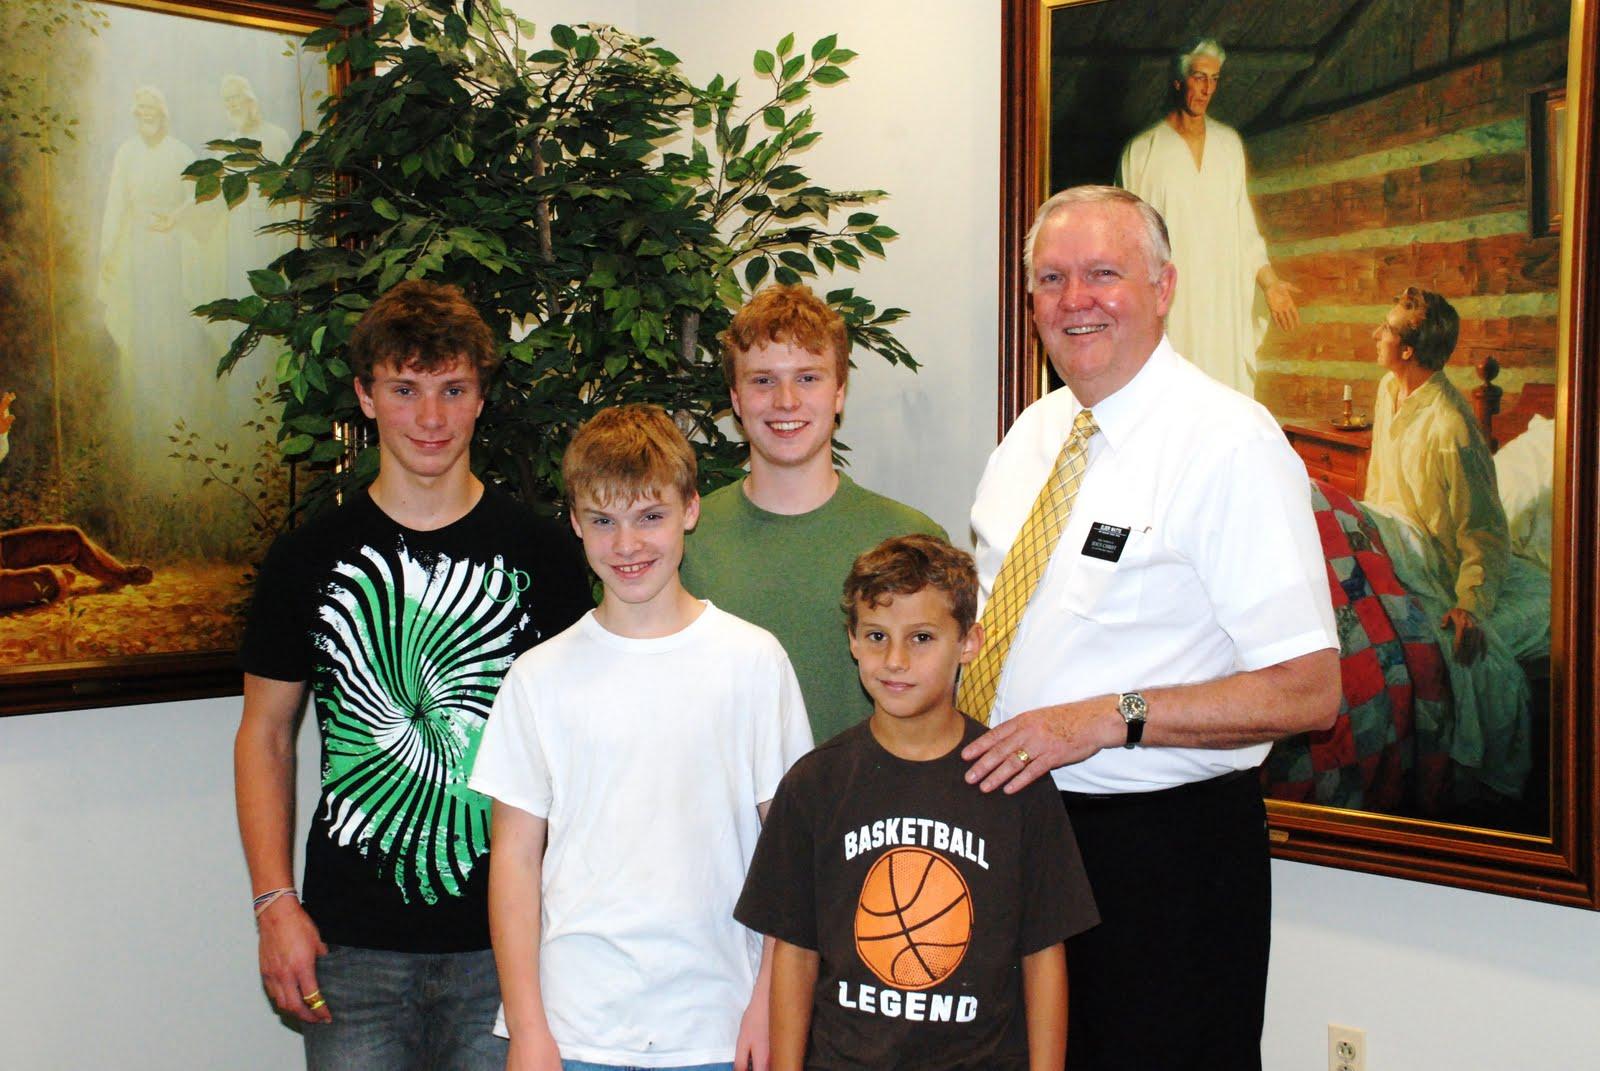 http://2.bp.blogspot.com/_rb5czKt61FA/TGH9TwevyvI/AAAAAAAABP4/FkrCAEirG08/s1600/Mark+Beck%27s+Boys.JPG